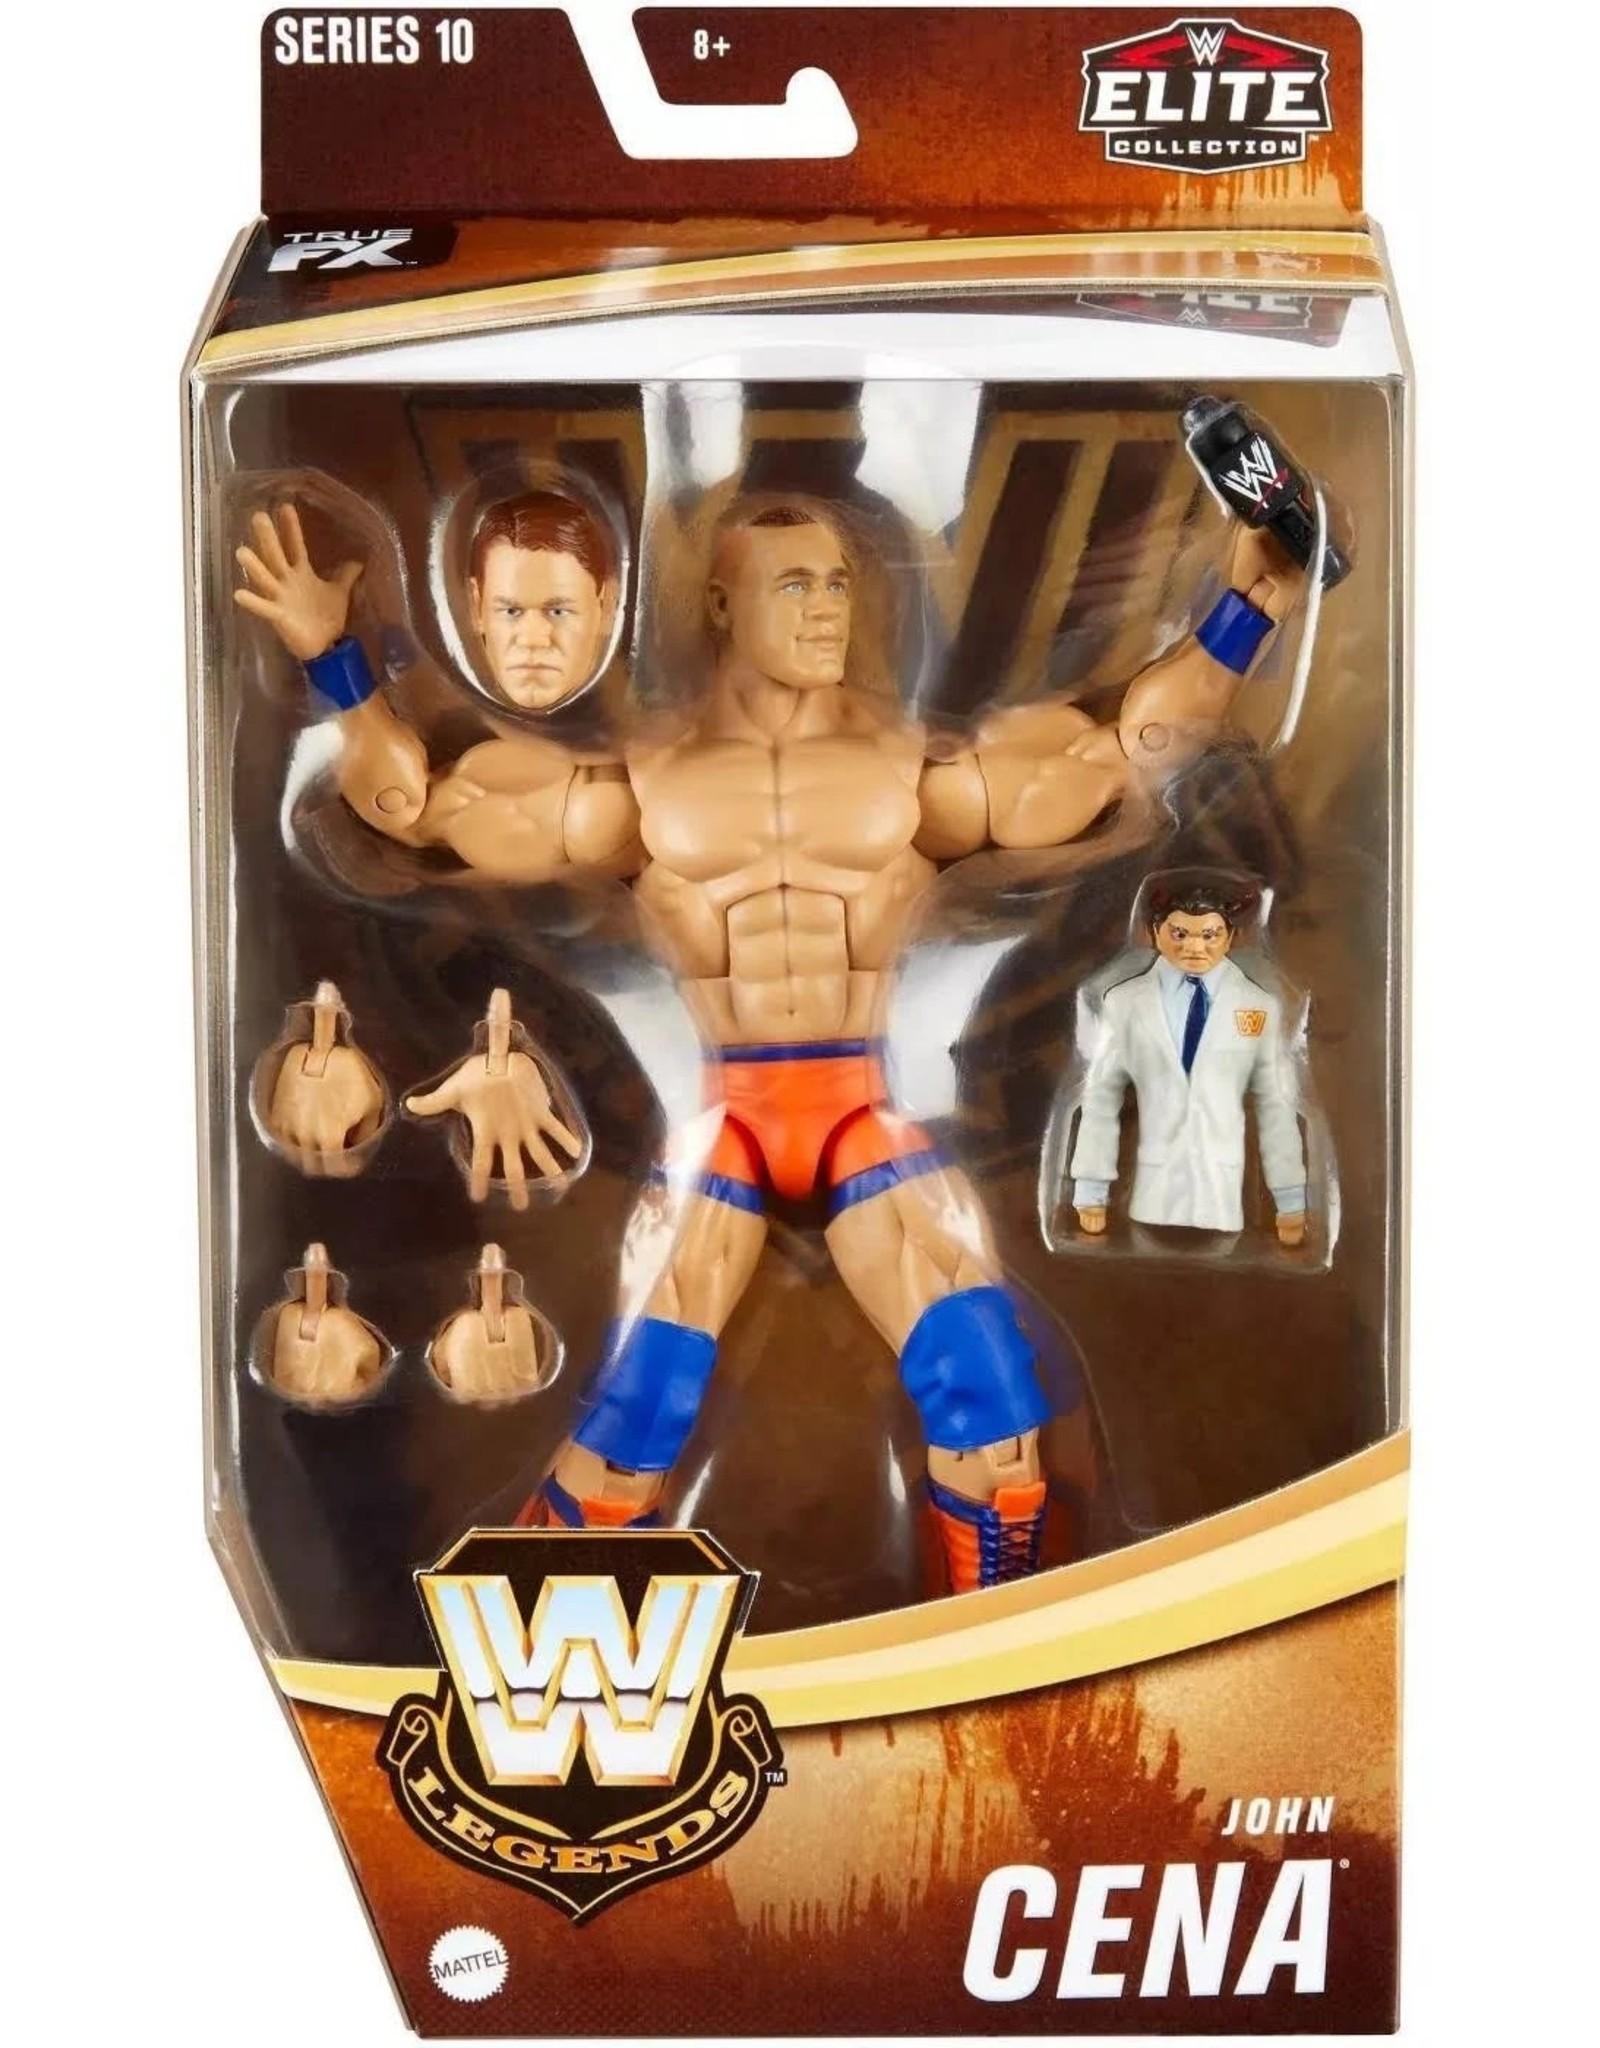 Mattel Wwe Legends Series 10 John Cena Action Figure